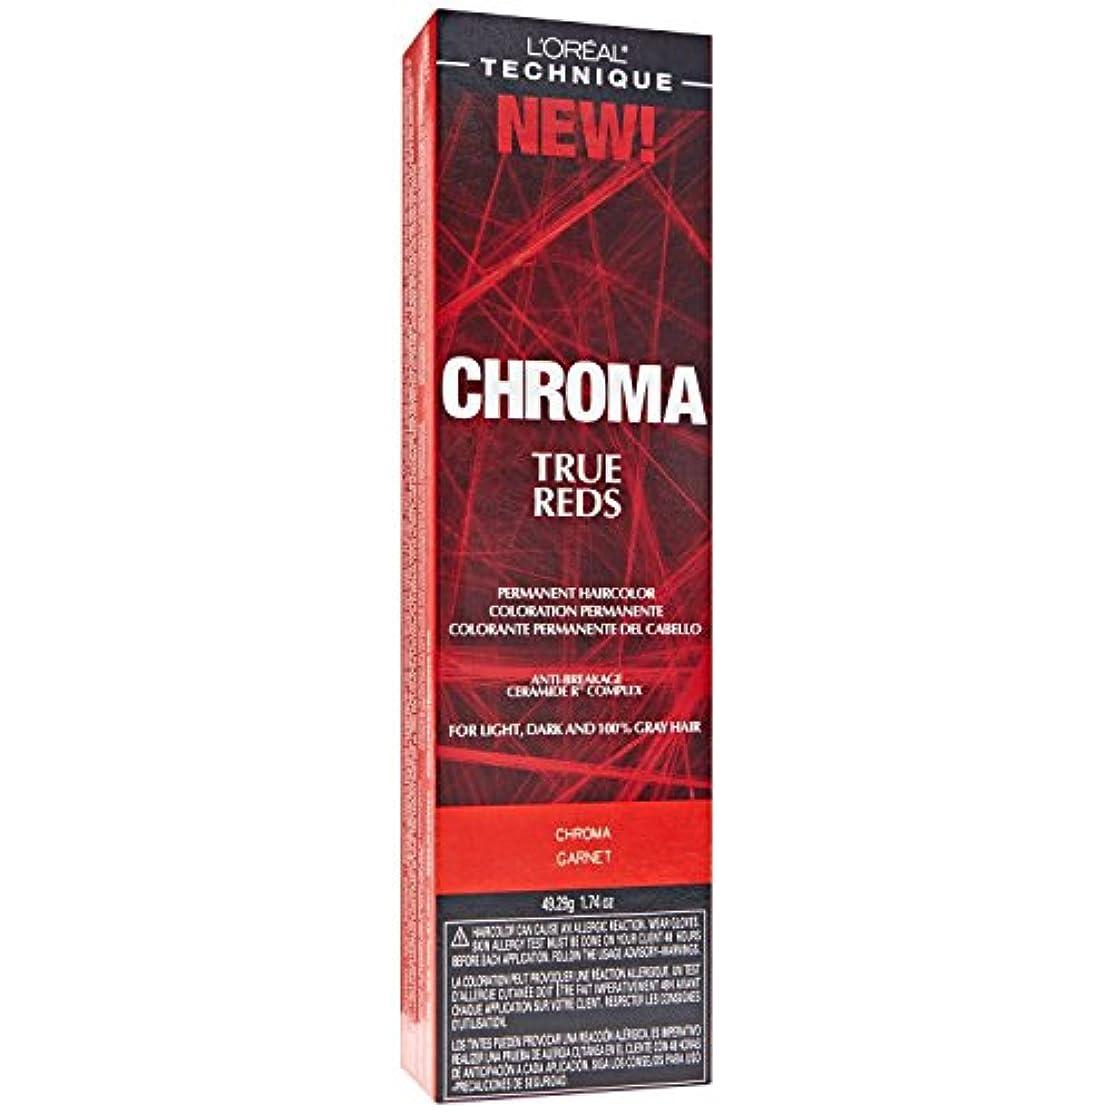 L'Oreal Technique Chroma True Reds - Chroma Garnet - 1.74oz / 49.29g